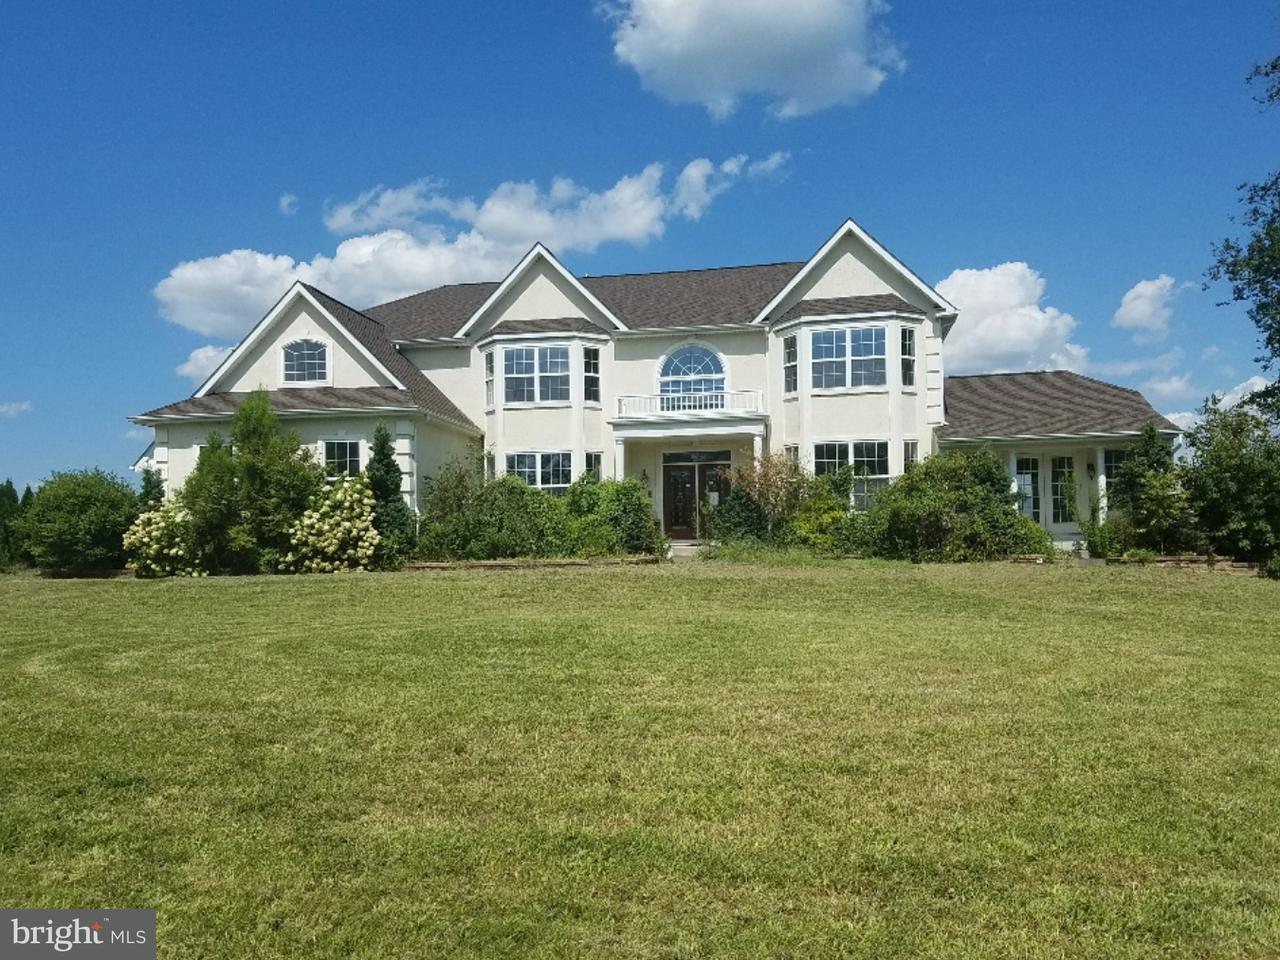 Частный односемейный дом для того Продажа на 11 AMETHYST Court Swedesboro, Нью-Джерси 08085 Соединенные Штаты